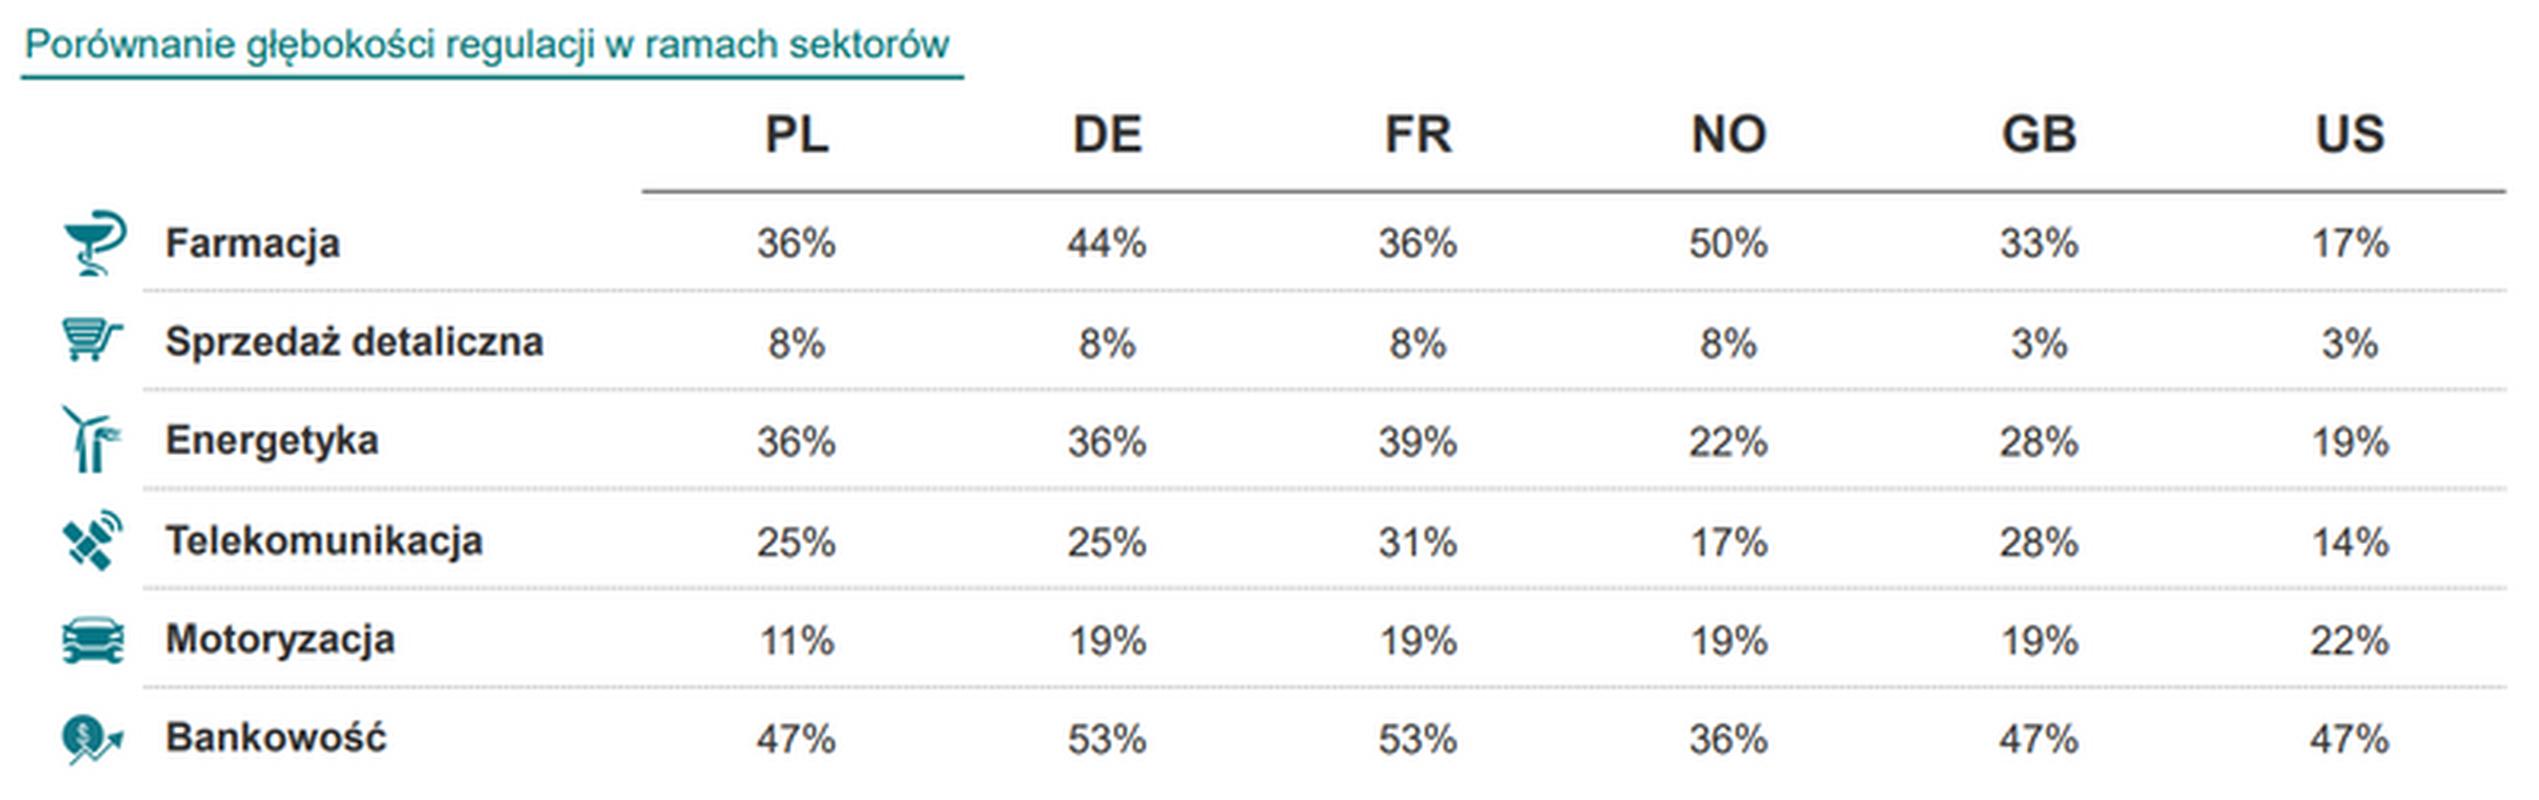 Wartości w tabeli oznaczają głębokość (restrykcyjność) regulacji. Im wyższe, tym bardziej restrykcyjne są regulacje w danym państwie. Ocen procentowych nie należy porównywać pomiędzy branżami.